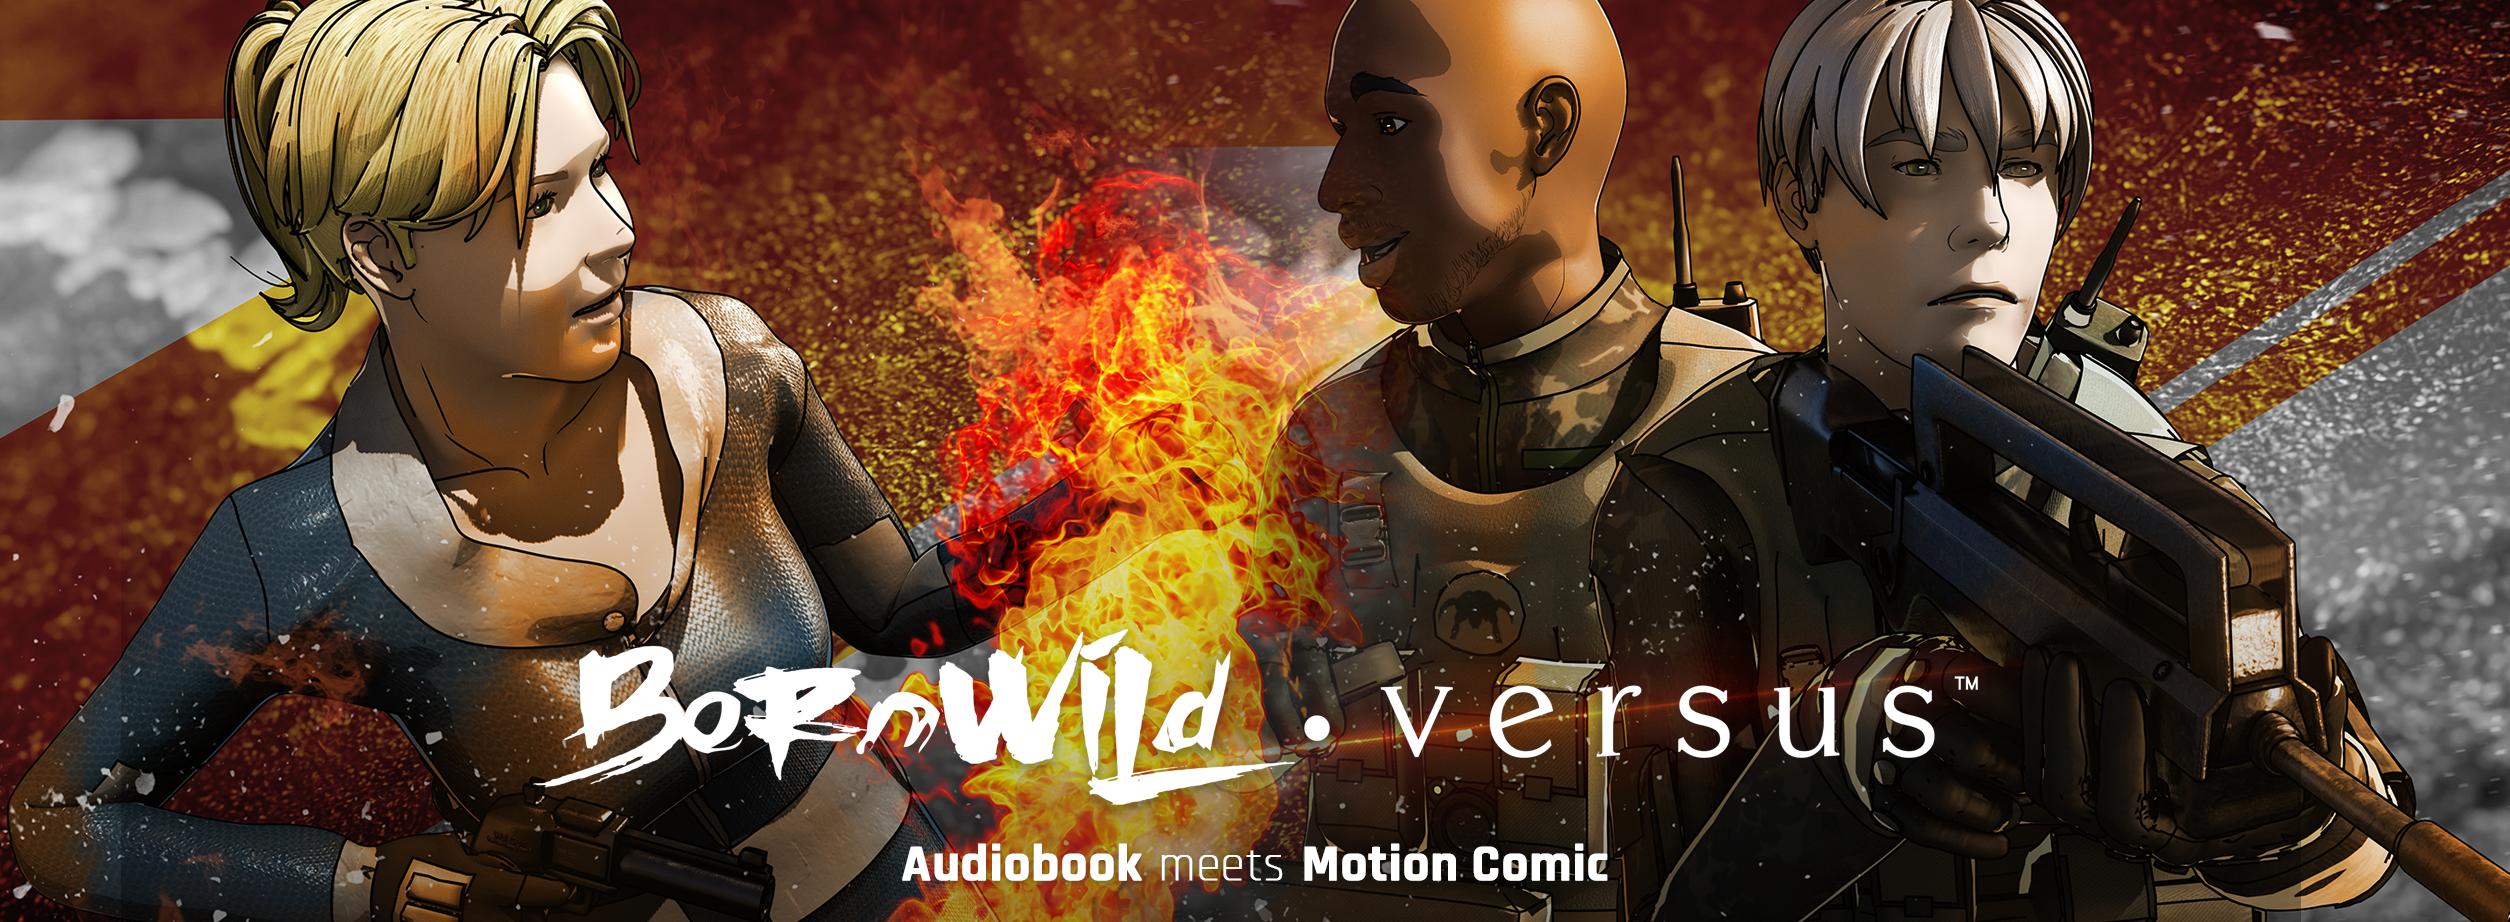 BornWild • Versus - Episode 3